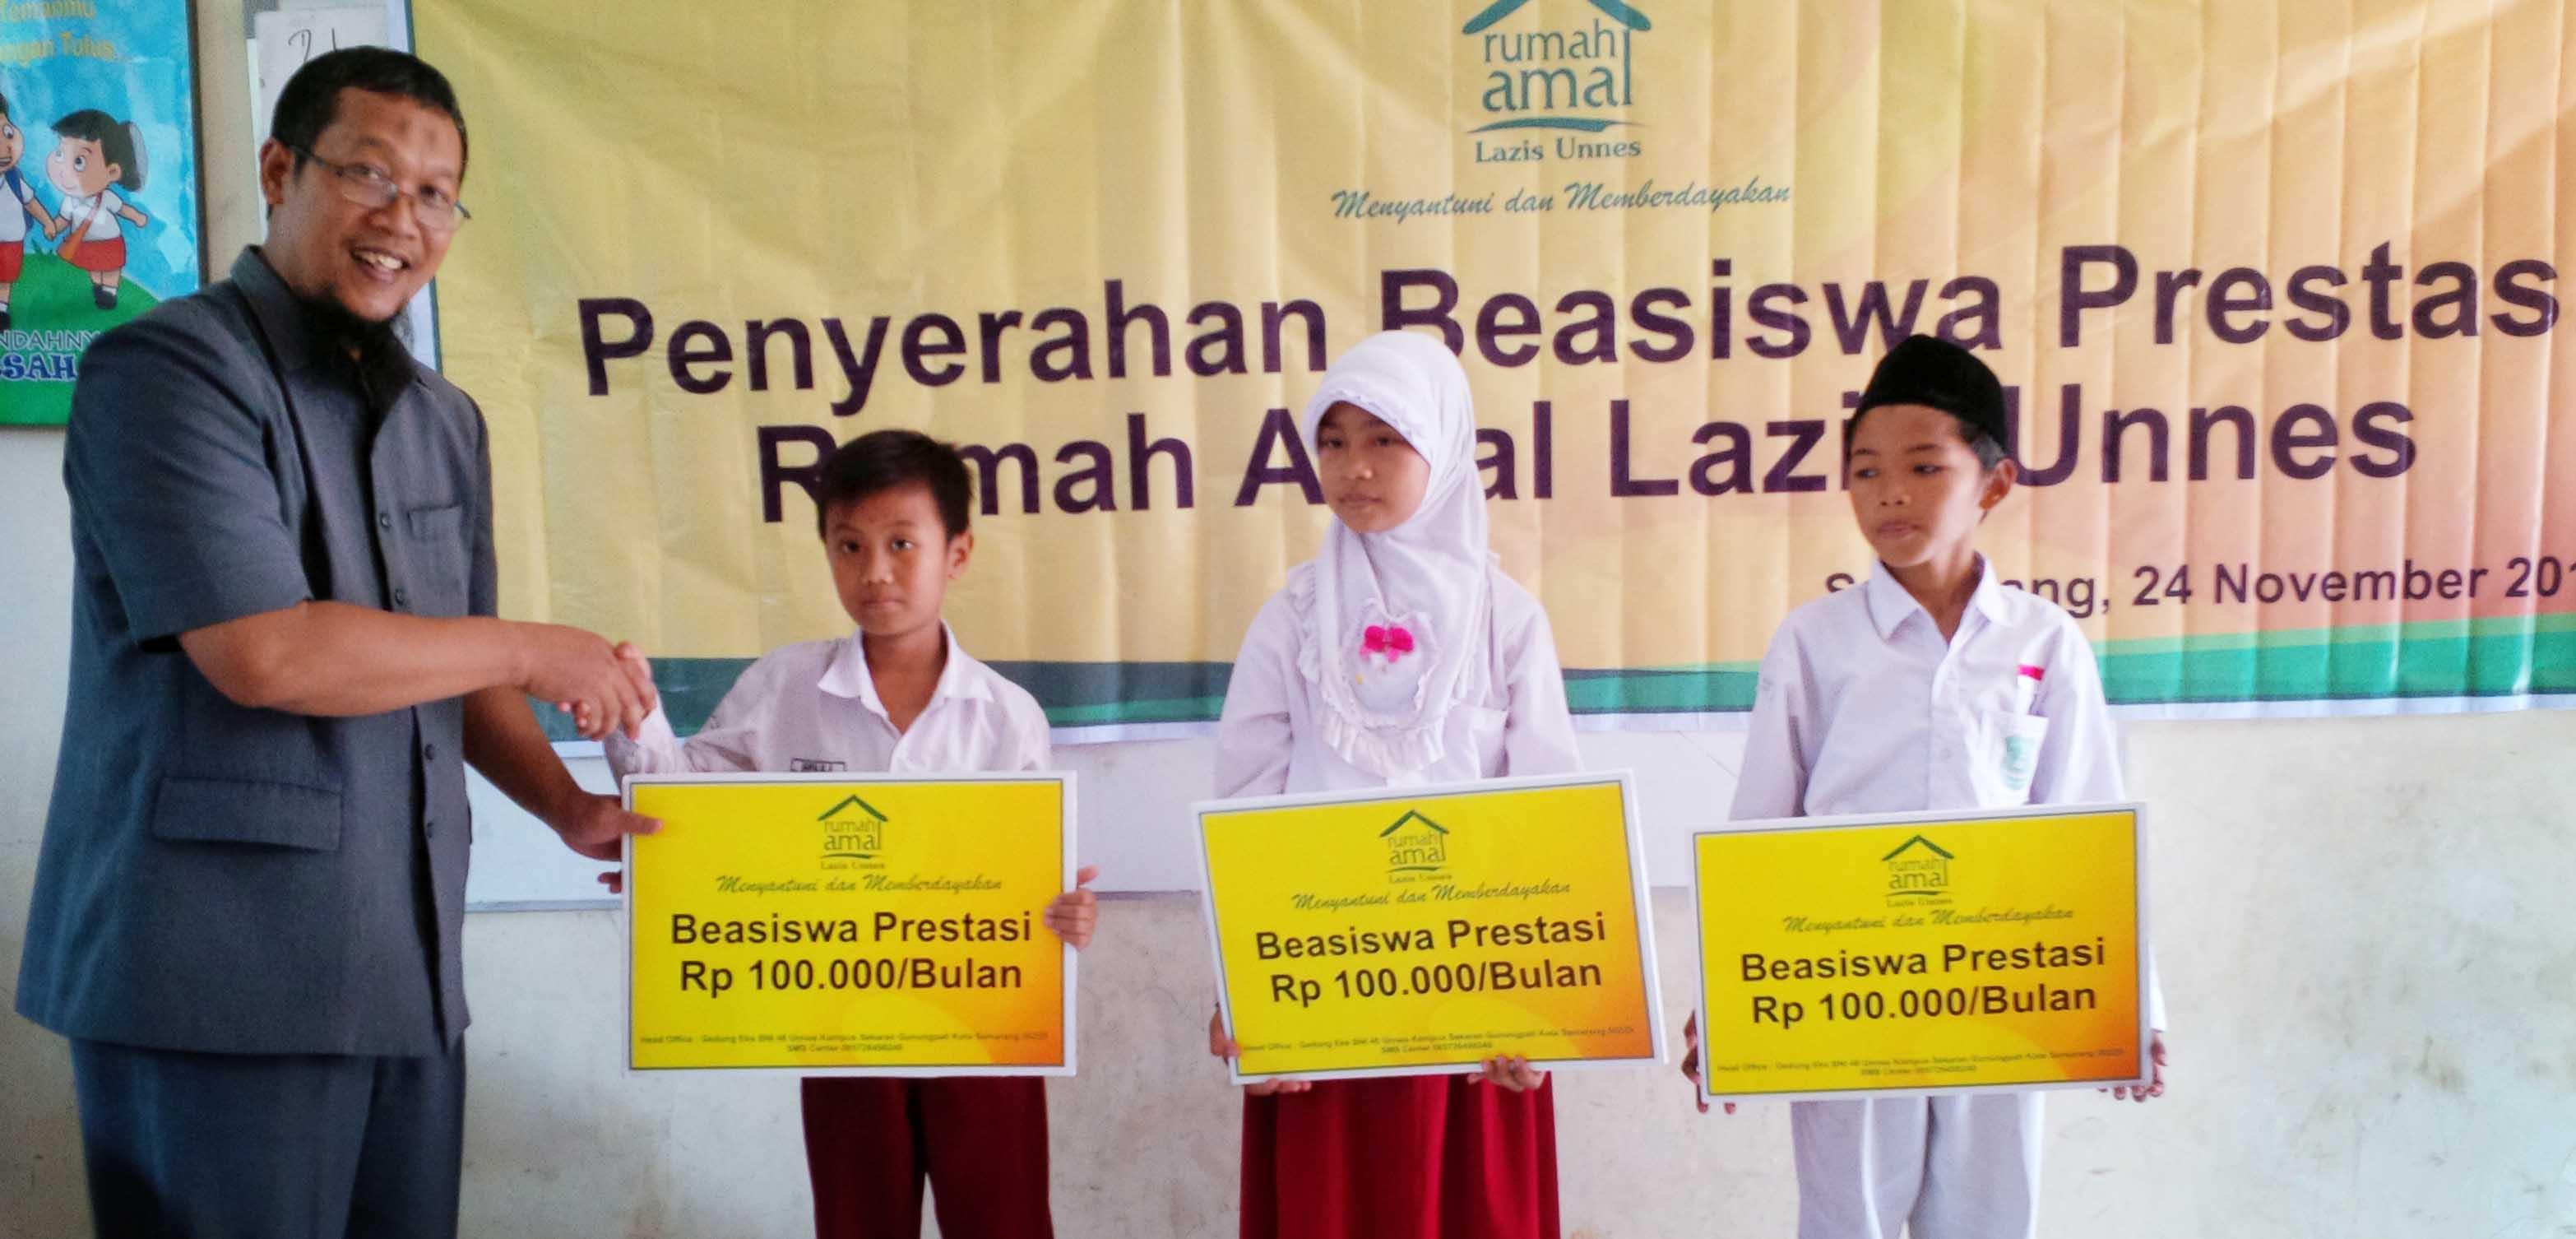 Rumah Amal Lazis Unnes Berikan Beasiswa Prestasi